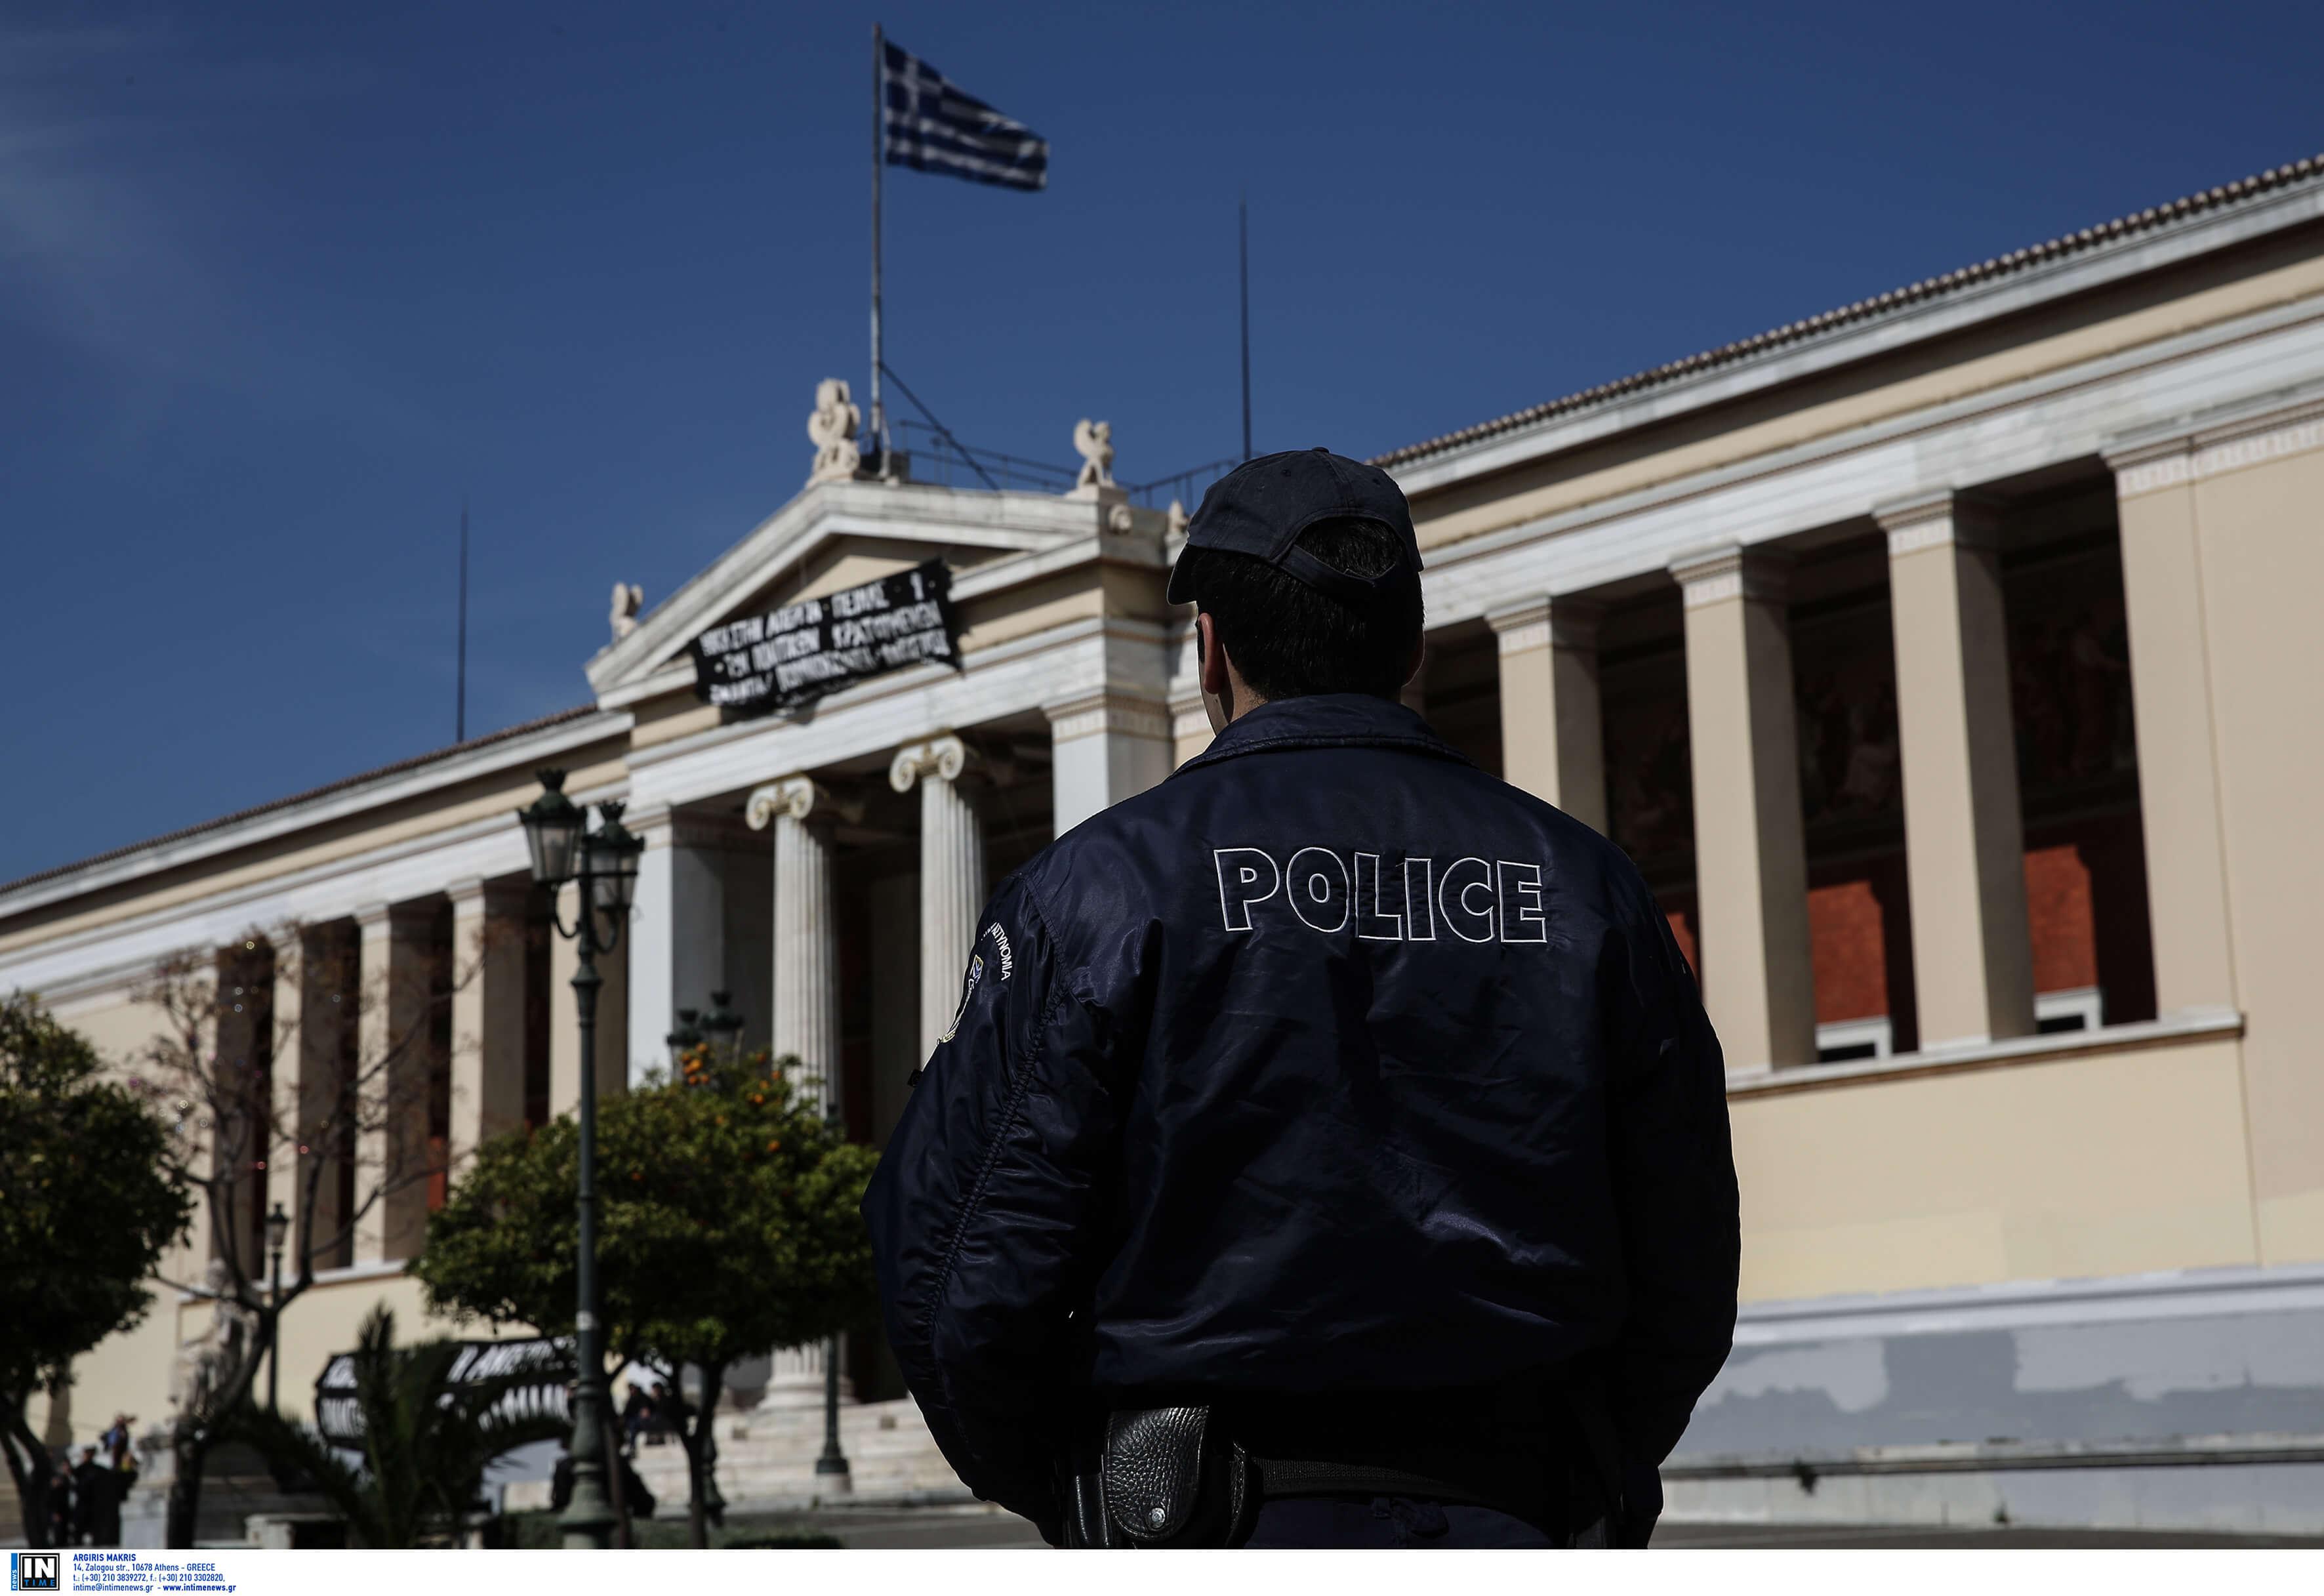 Χρυσοχοΐδης για πανεπιστημιακή αστυνομία: Όχι άλλος εξευτελισμένος πρύτανης